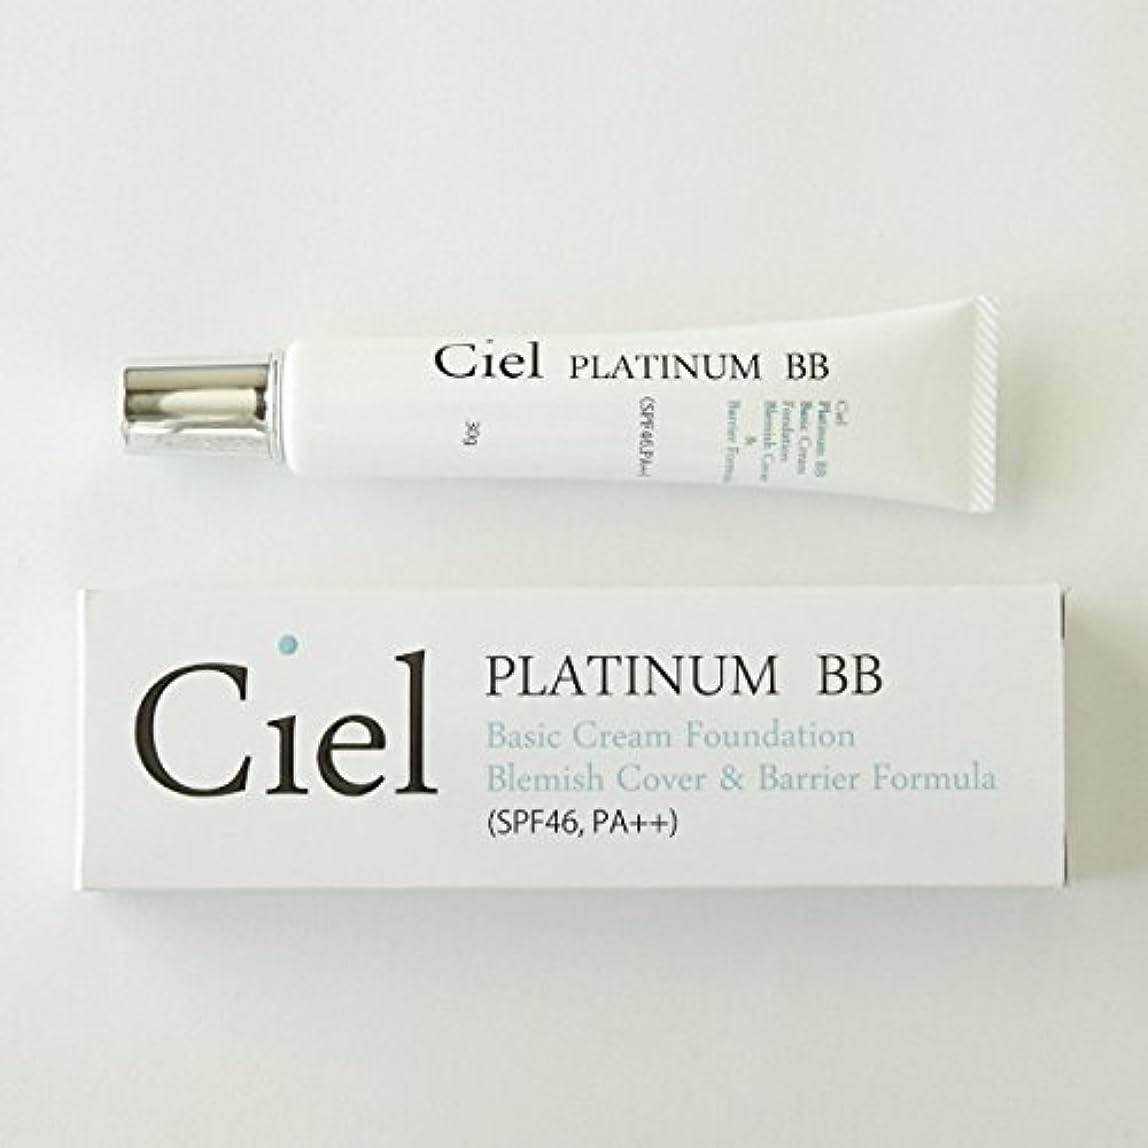 ドラフトワーディアンケース排除するCiel Salon de Beaute Ciel PLATINUM BB SPF46 BBクリーム ファンデーション 日本製 日焼け止め